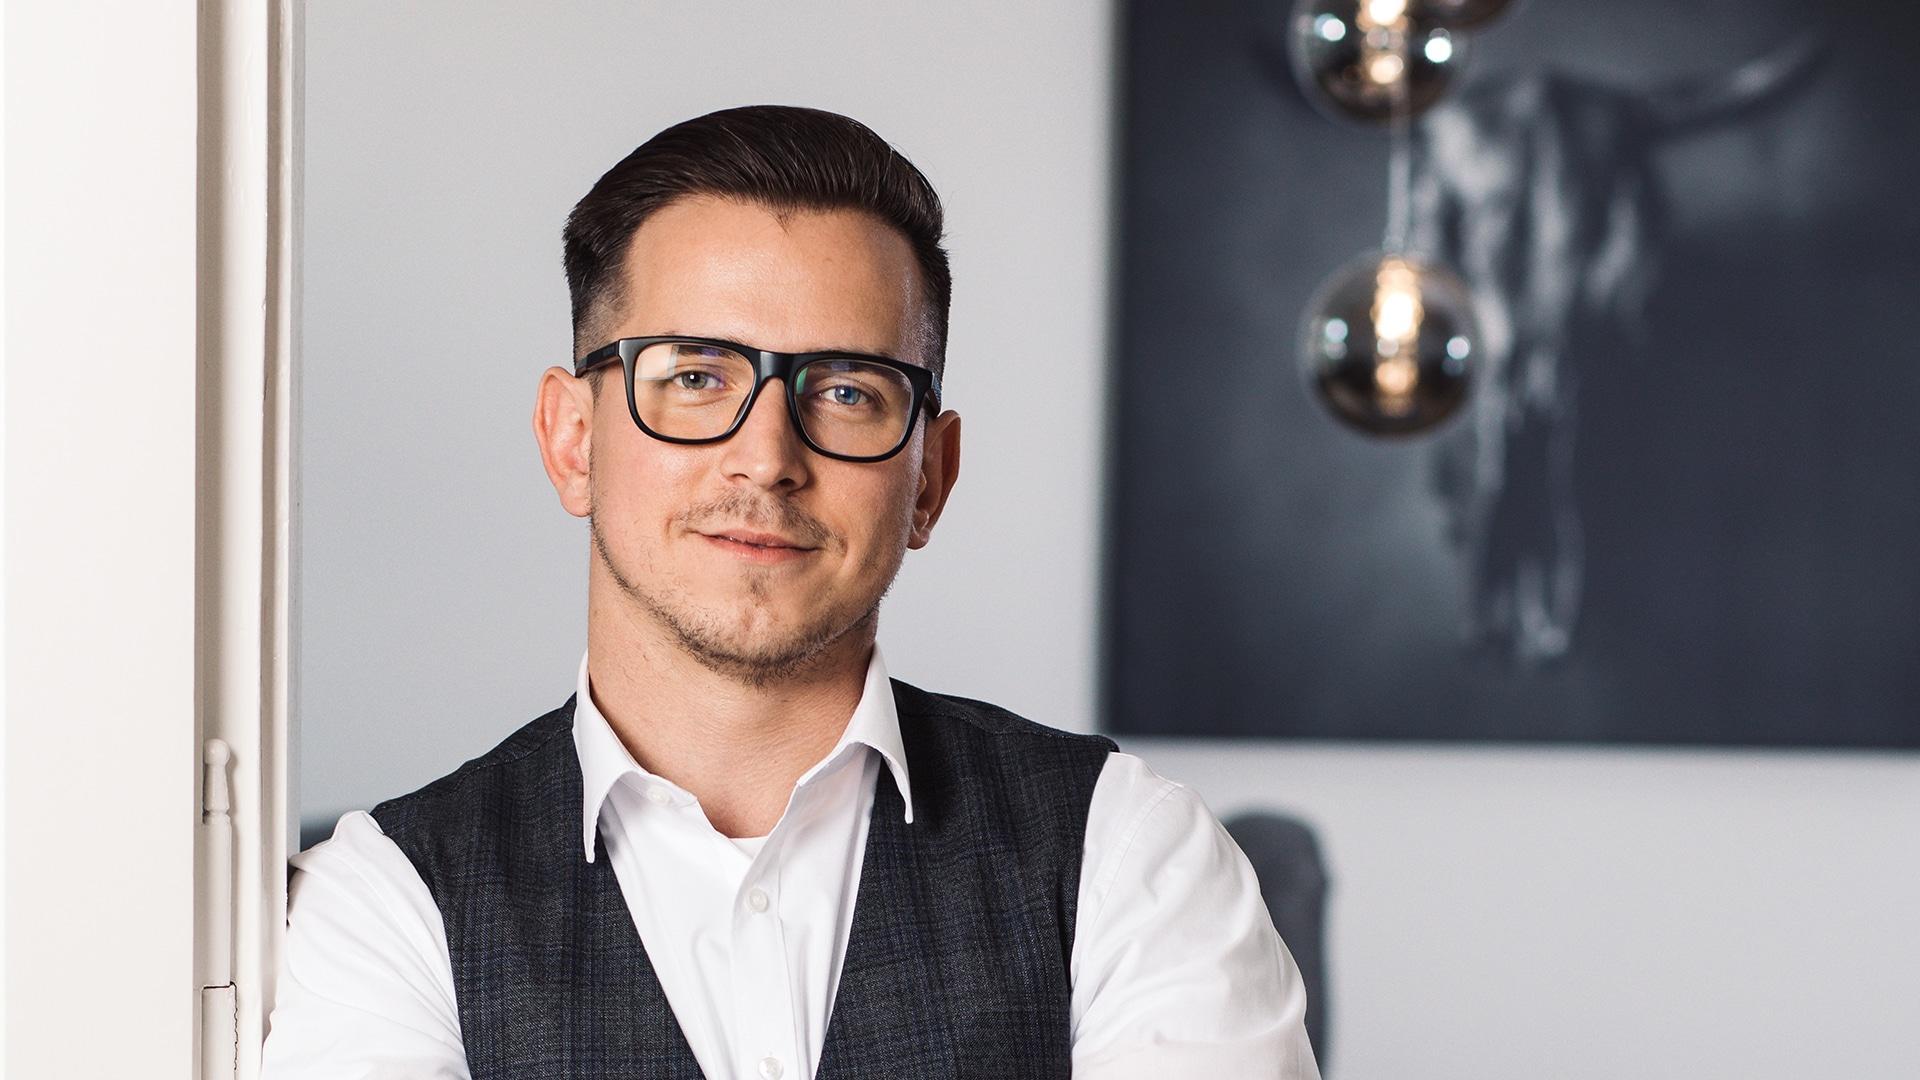 HELLO BEAUTY Marketing GmbH - Josip Maric - Hello Beauty ist wie ein neuronales Netz, das alles miteinander verbindet. Institute mit deren Neukunden, Hersteller mit deren neuen repräsentativen Instituten….